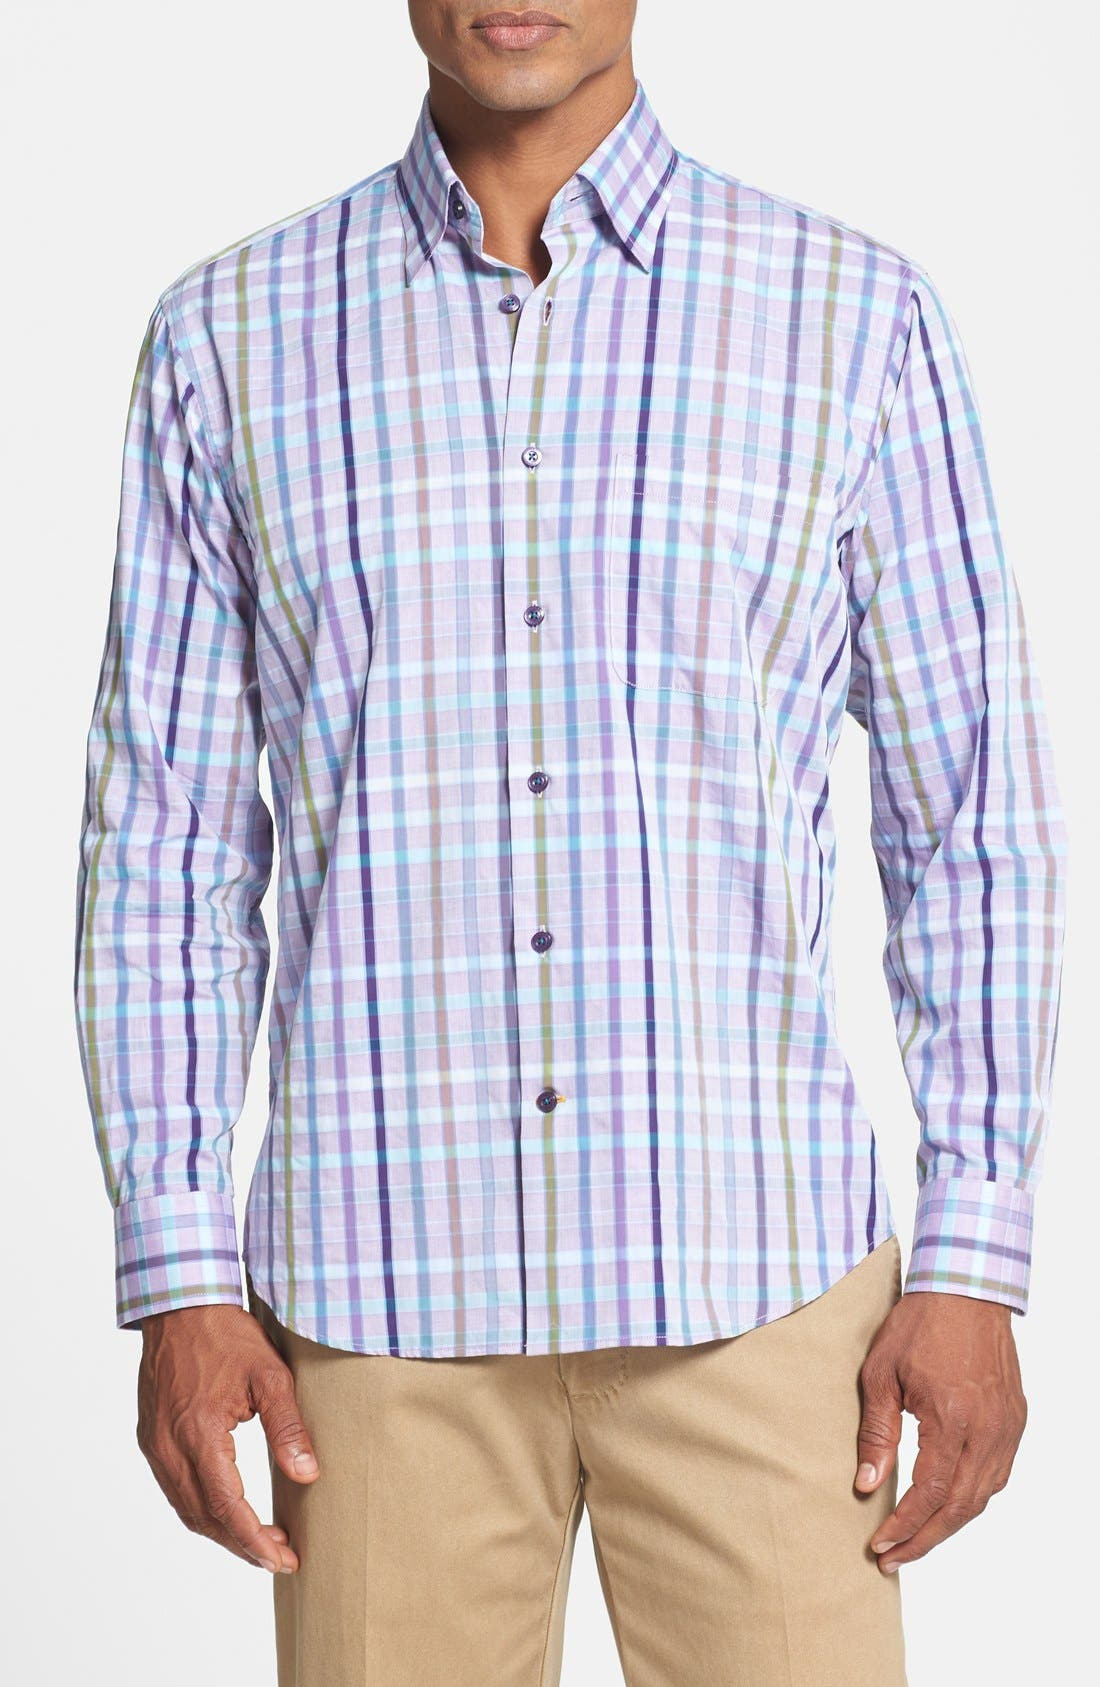 Main Image - Robert Talbott Woven Sport Shirt